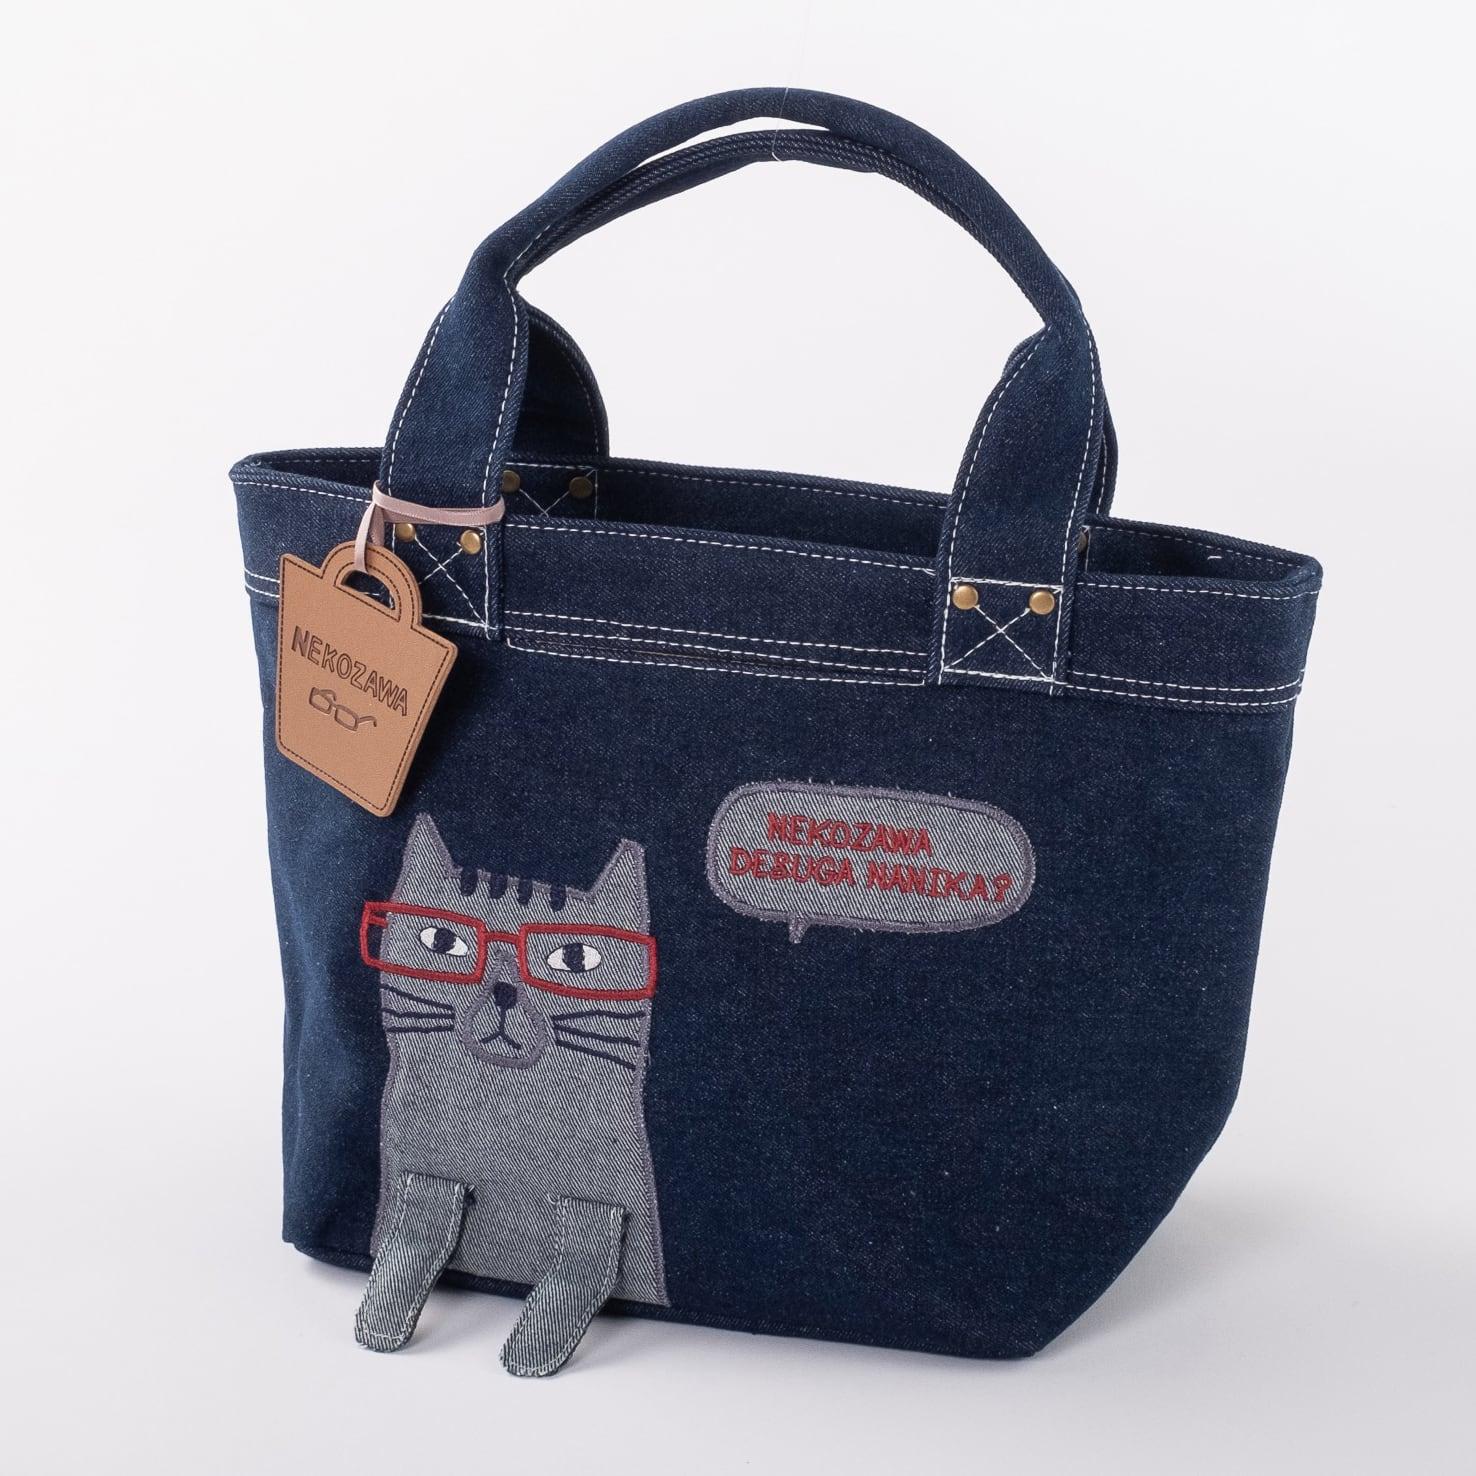 デニムミニトートバッグ 「ネコまるけデニムミニトートバッグ コン」